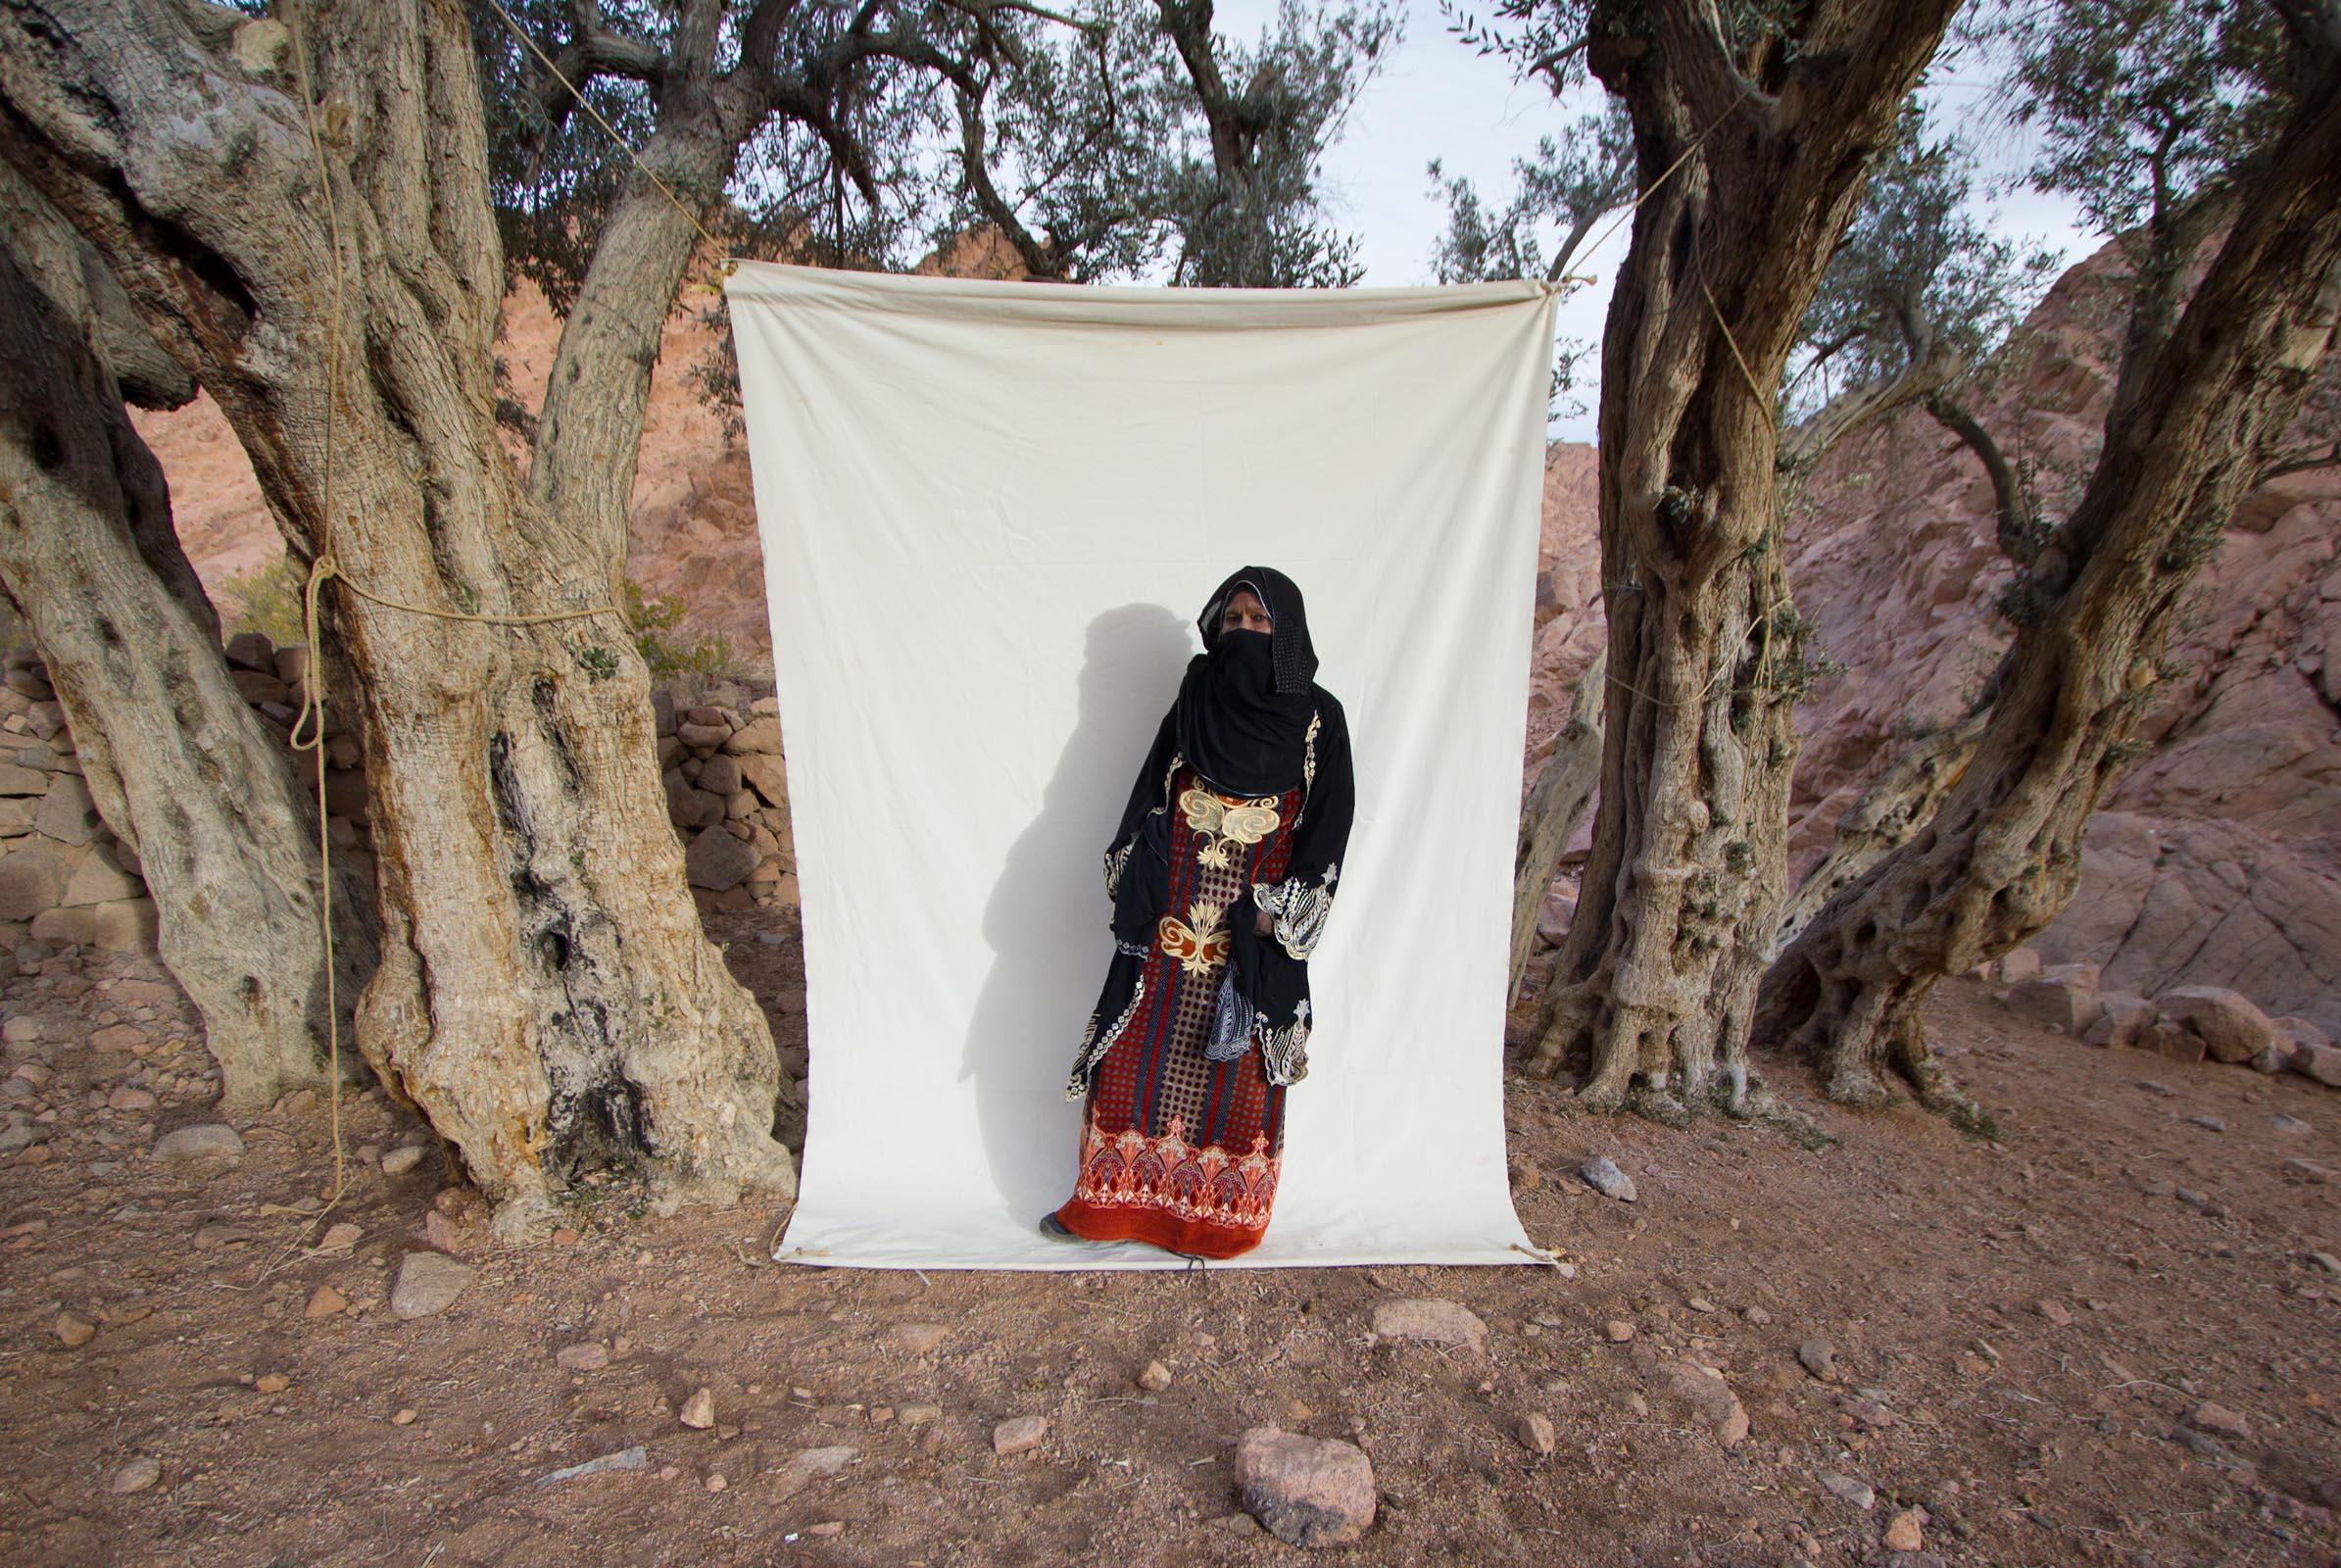 Bryony Dunne Amriya Faraj Musa Wadi Zawatin. 2013